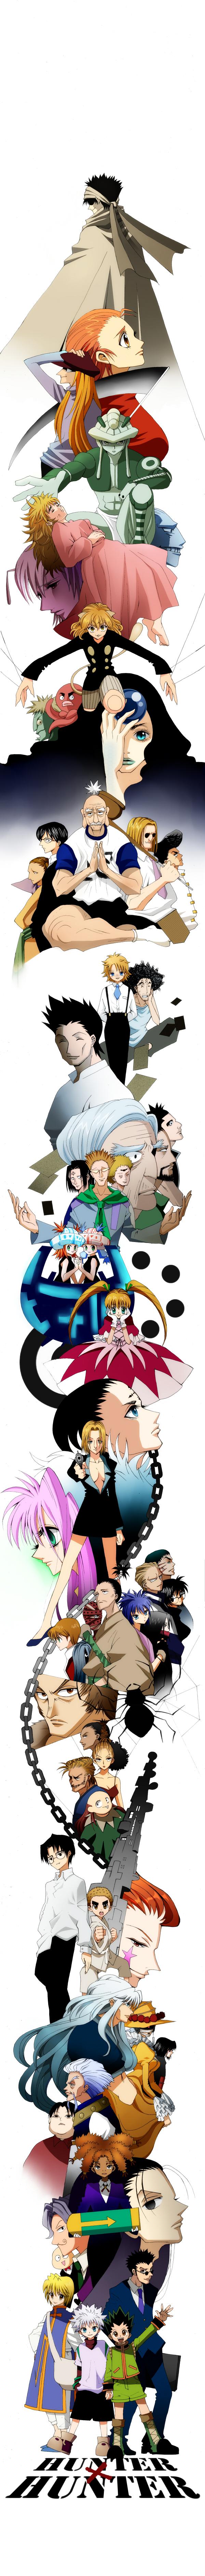 Tags: Anime, Leo (Pixiv2484271), Hunter x Hunter, Biscuit Krueger, Shalnark, Phinks Magcub, Palm Siberia, Killua Zoldyck, Ging Freaks, Neferpitou, Nobunaga Hazama, Menthuthuyoupi, Isaac Netero